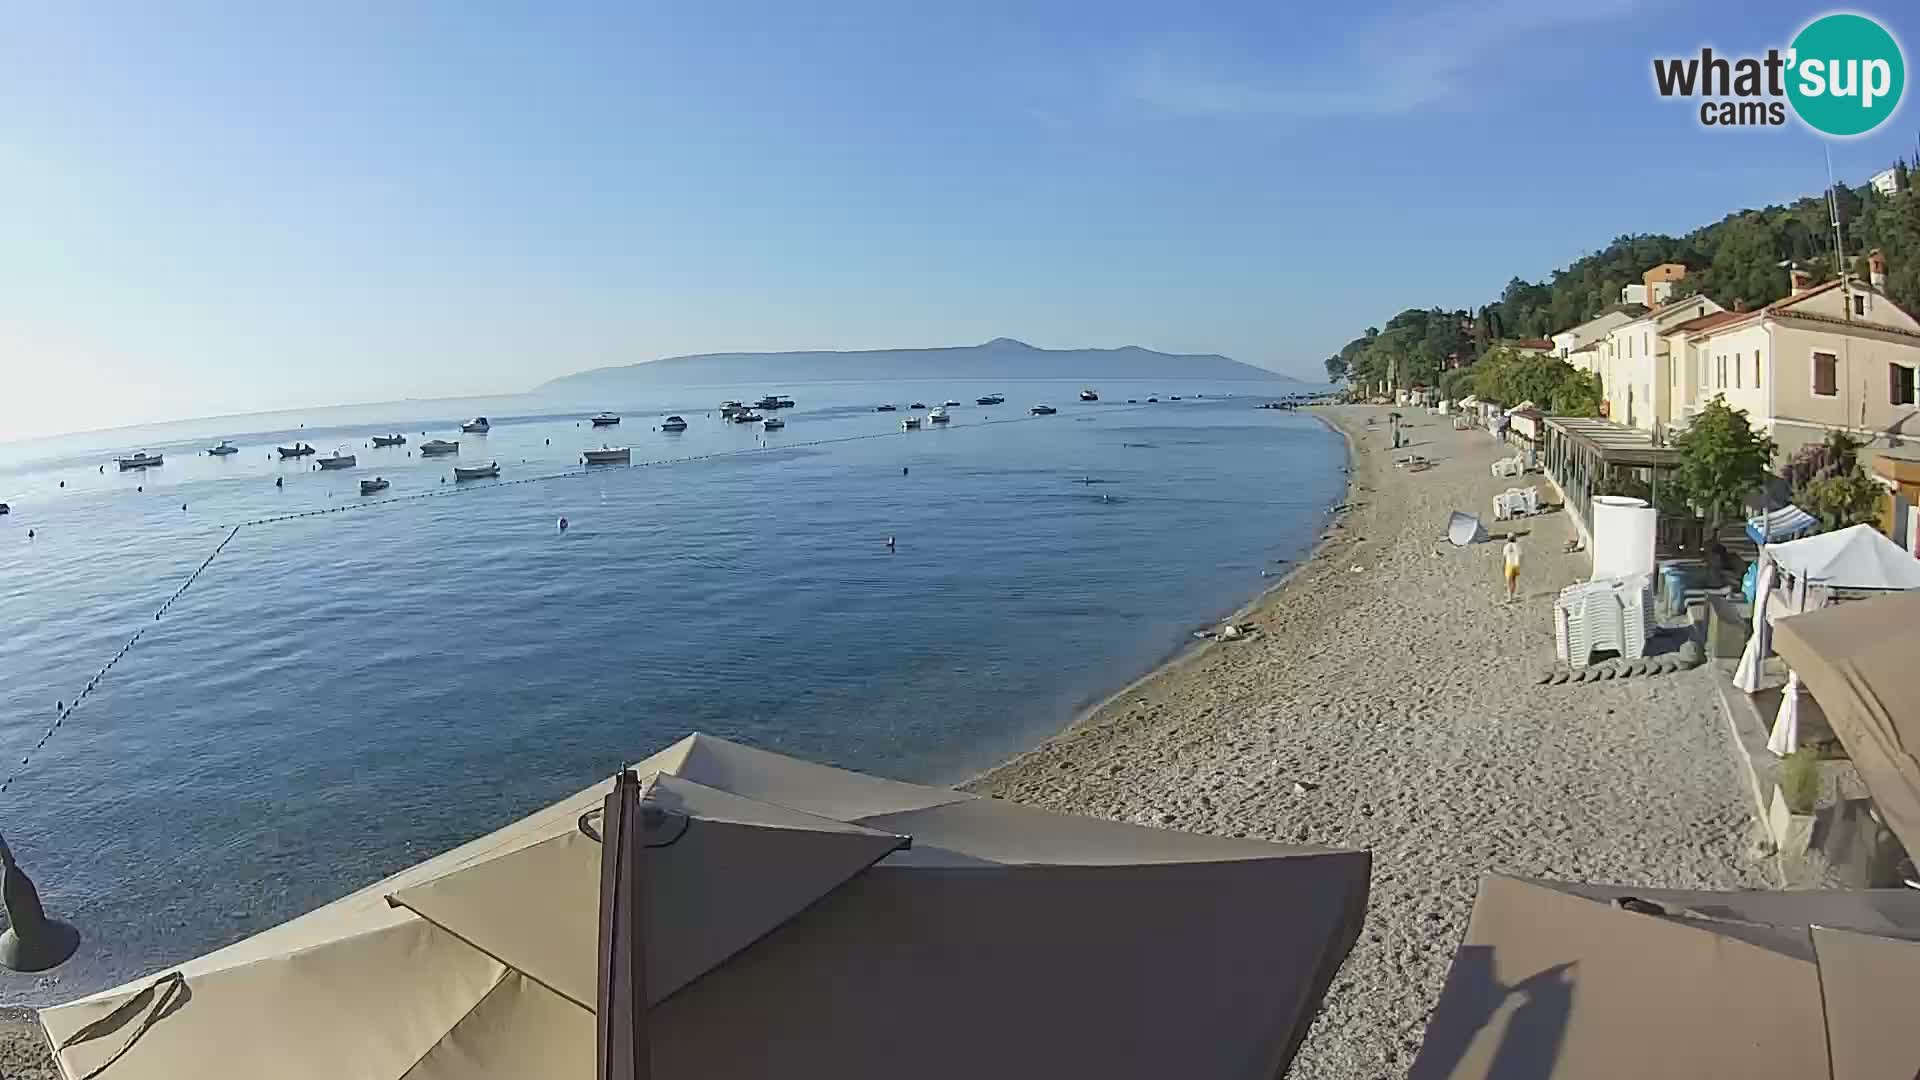 Livecam Draga di Moschiena – spiaggia